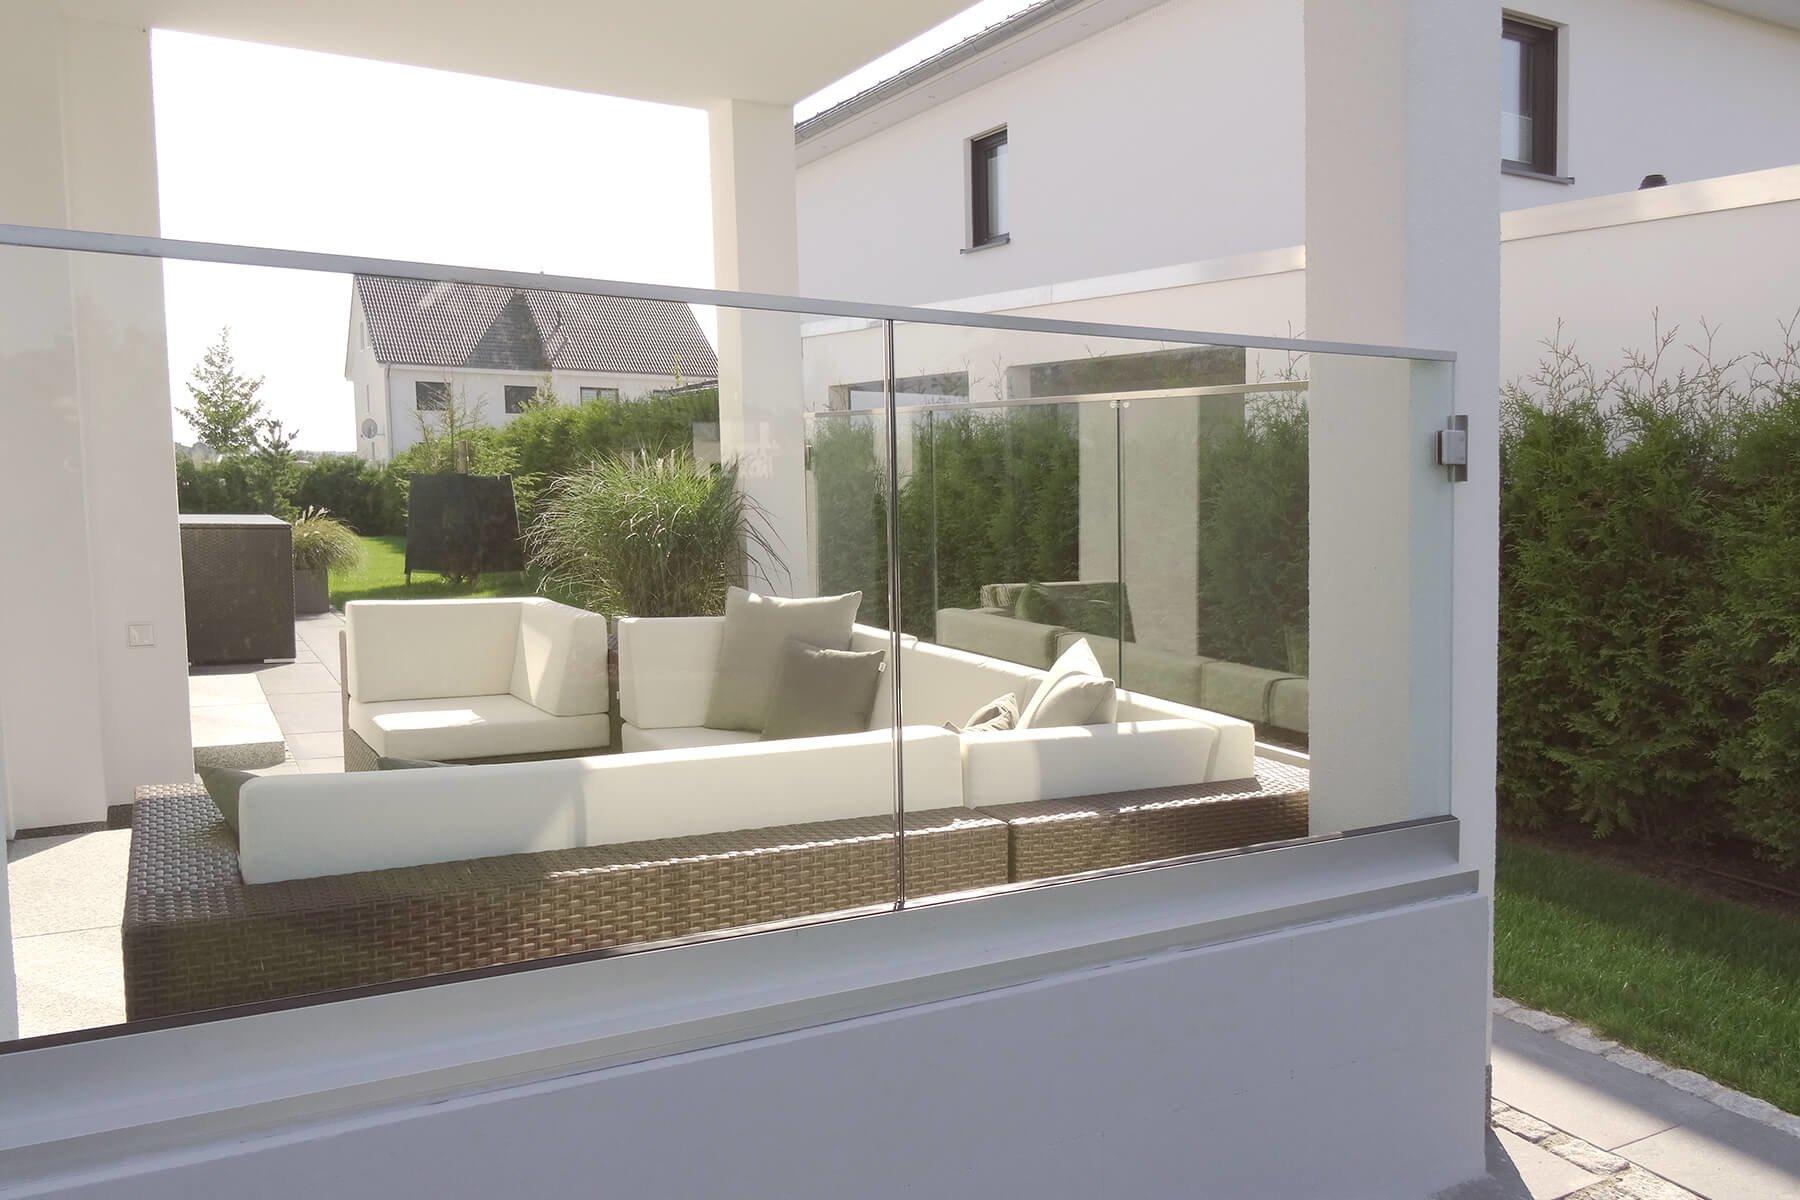 Glasgeländer als Trennelement bestehend aus mehreren Elementen an Terrasse